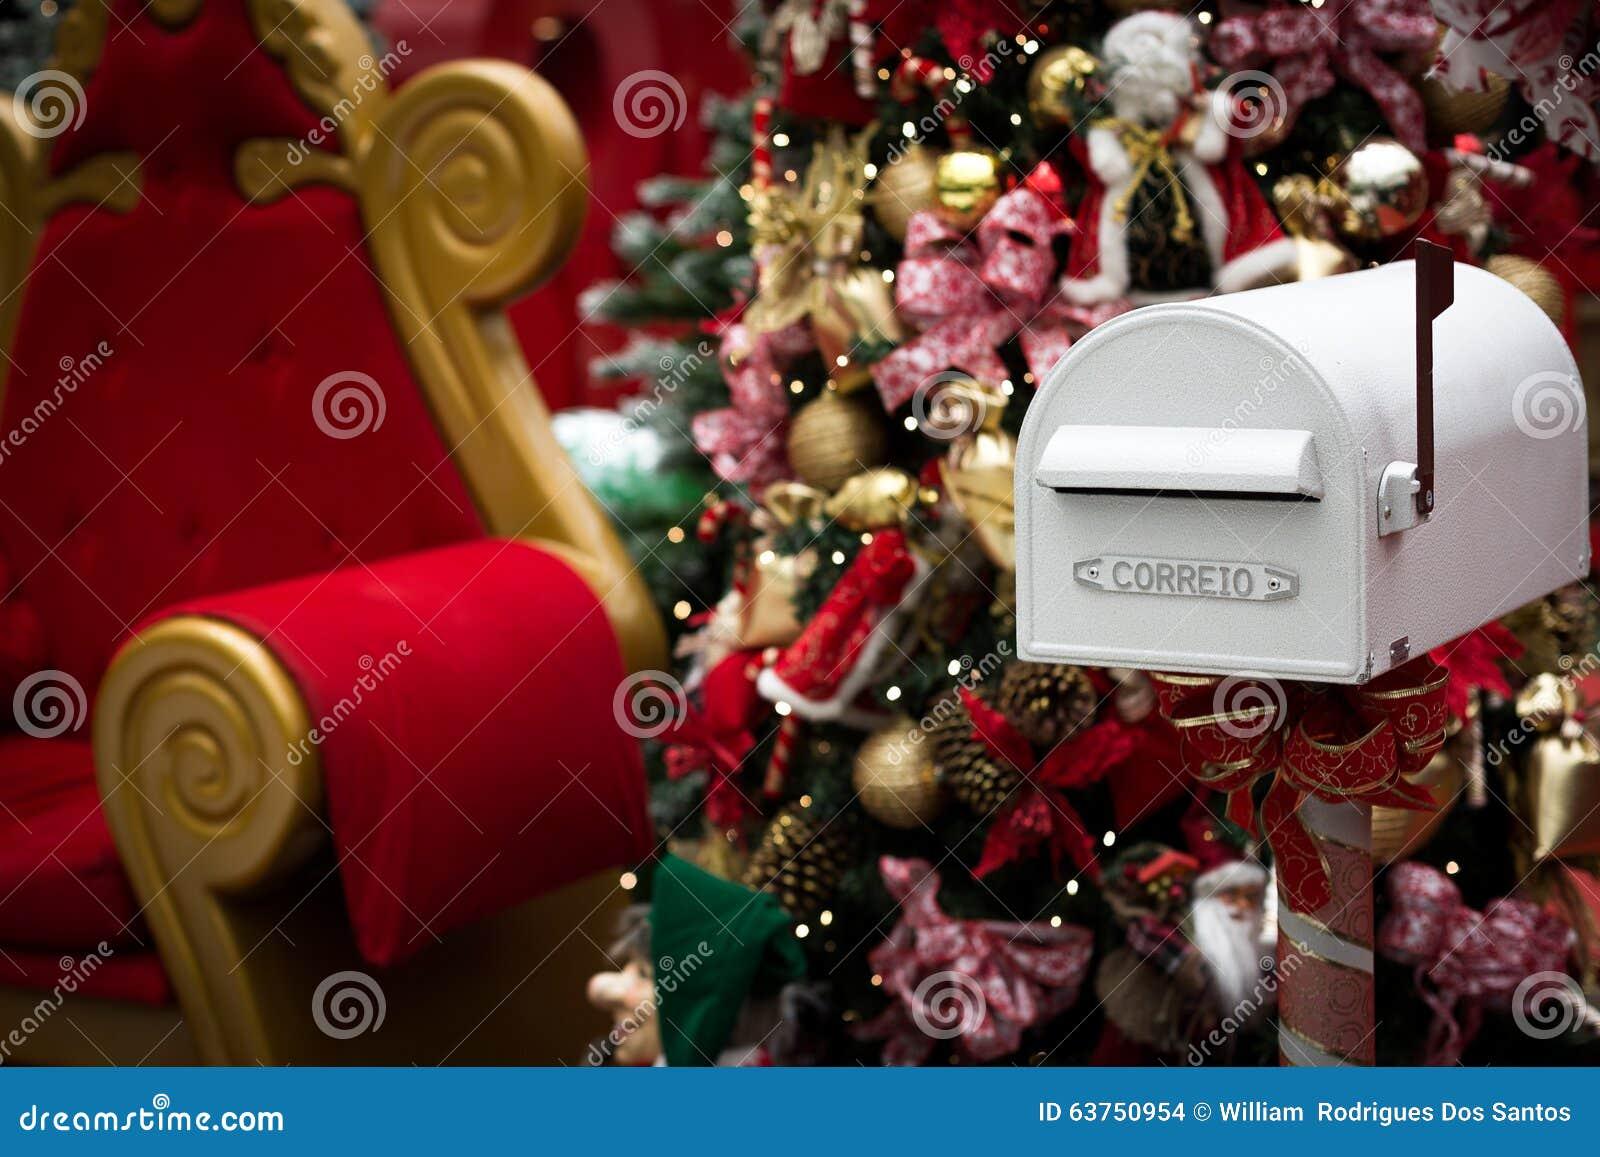 Święty Mikołaj skrzynka pocztowa